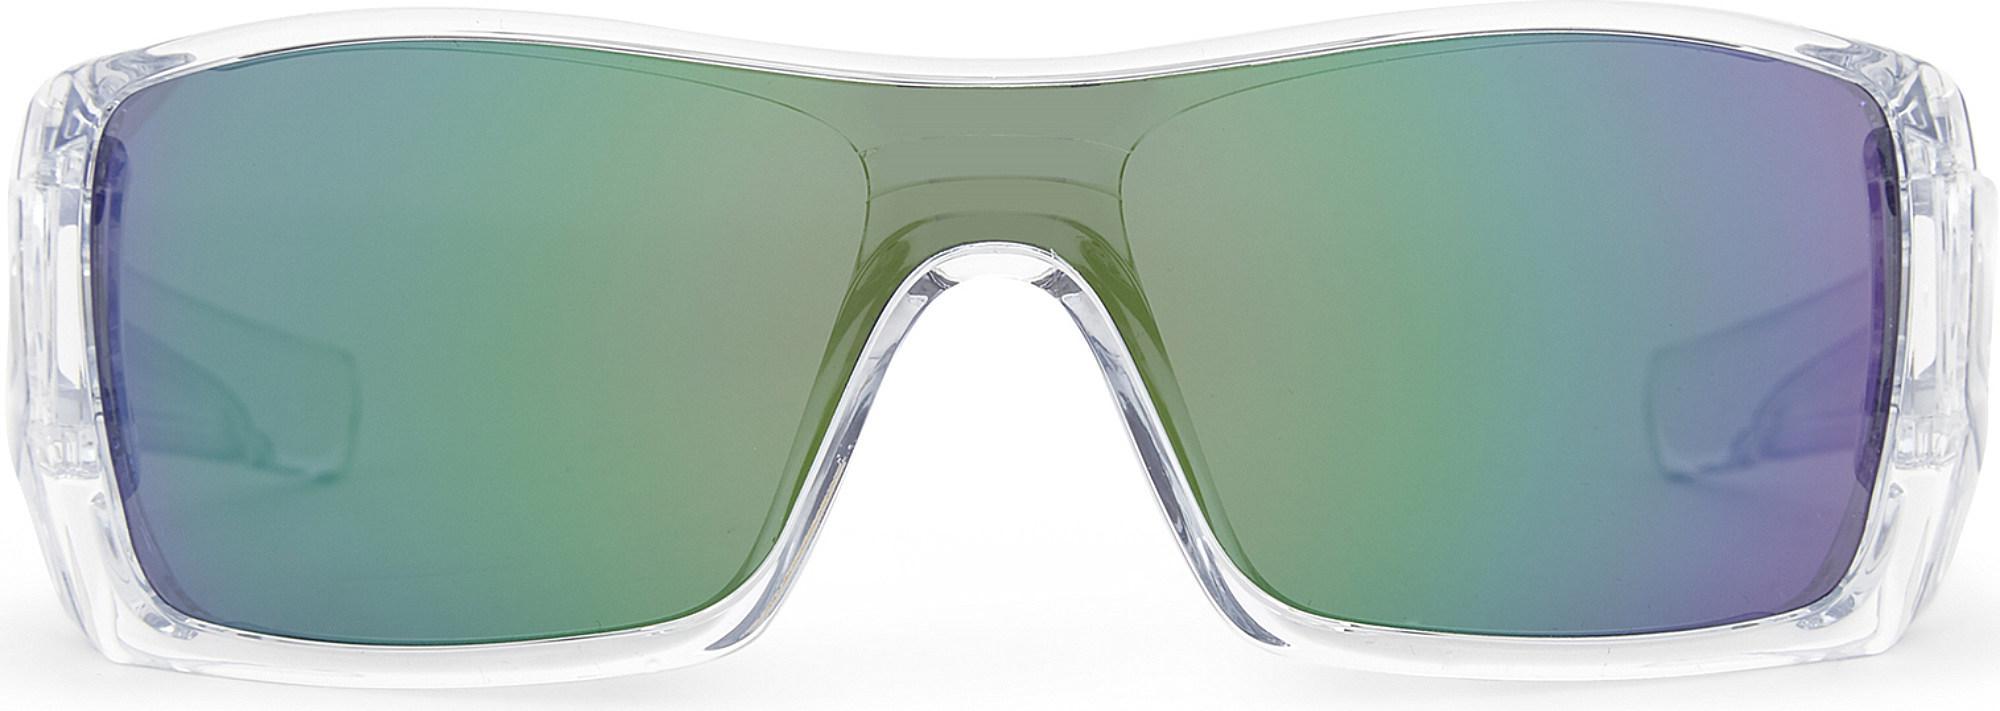 Lyst - Oakley Oo9101 Batwolf Rectangle-frame Sunglasses in Green